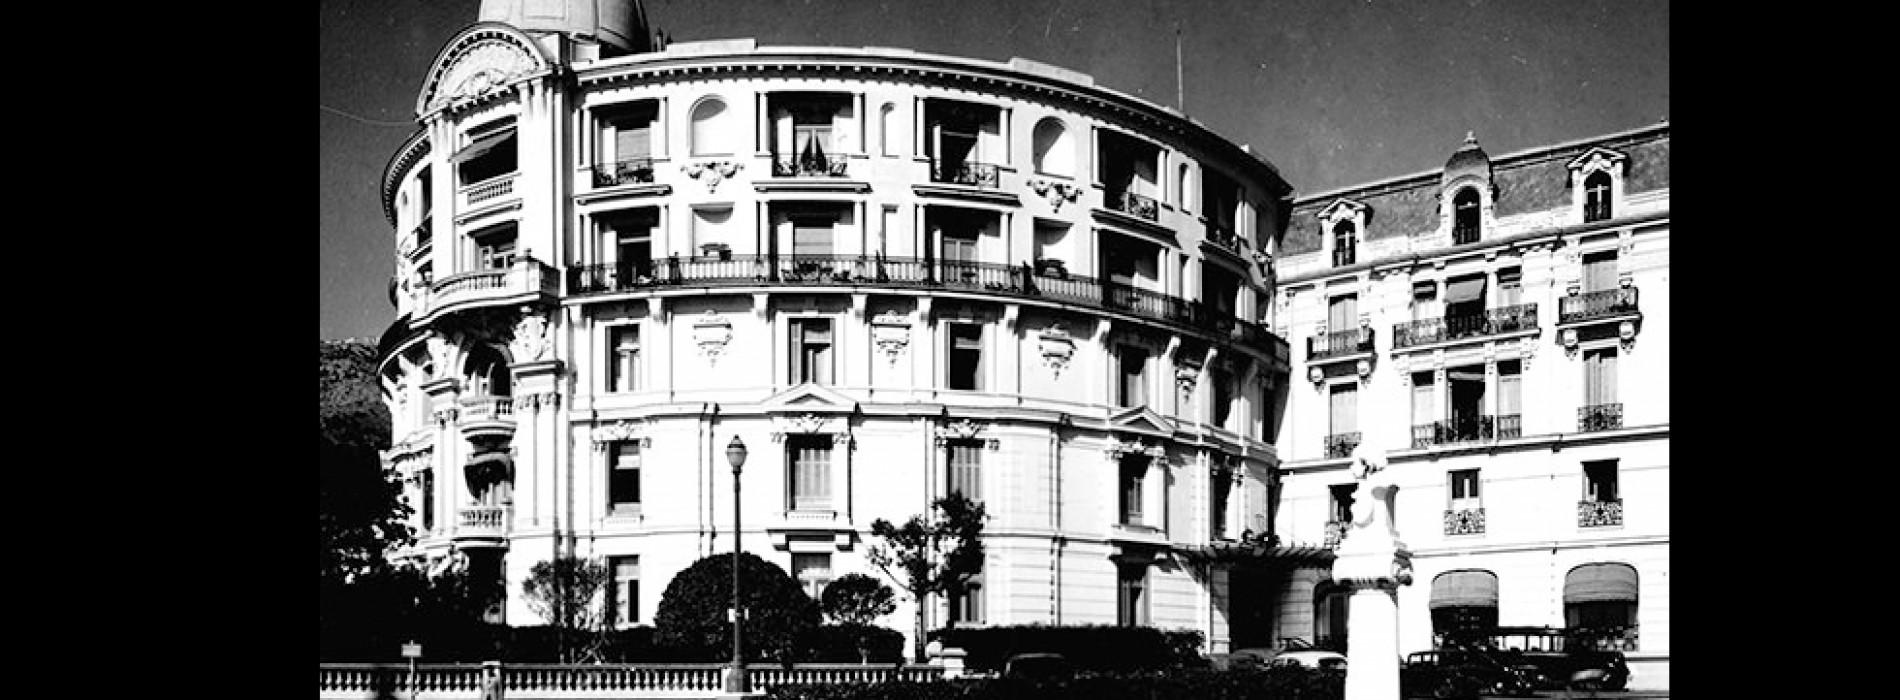 The Hôtel de Paris Monte-Carlo unveils its secrets